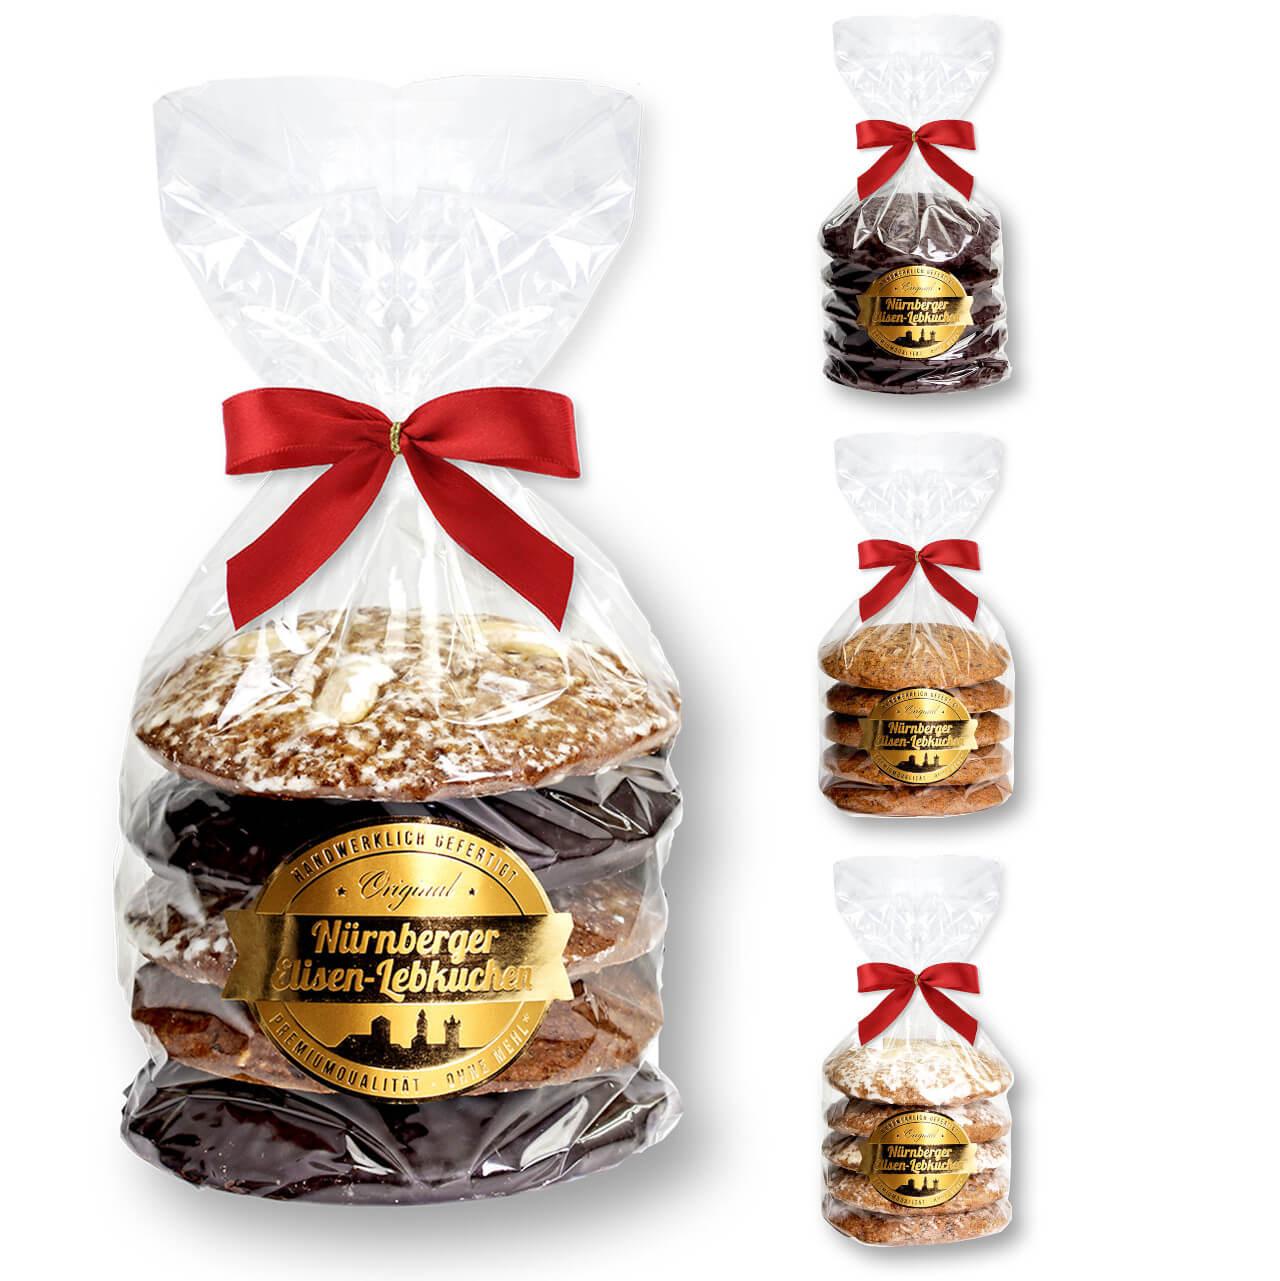 Nurembergs Elisen Lebkuchen Gingerbread